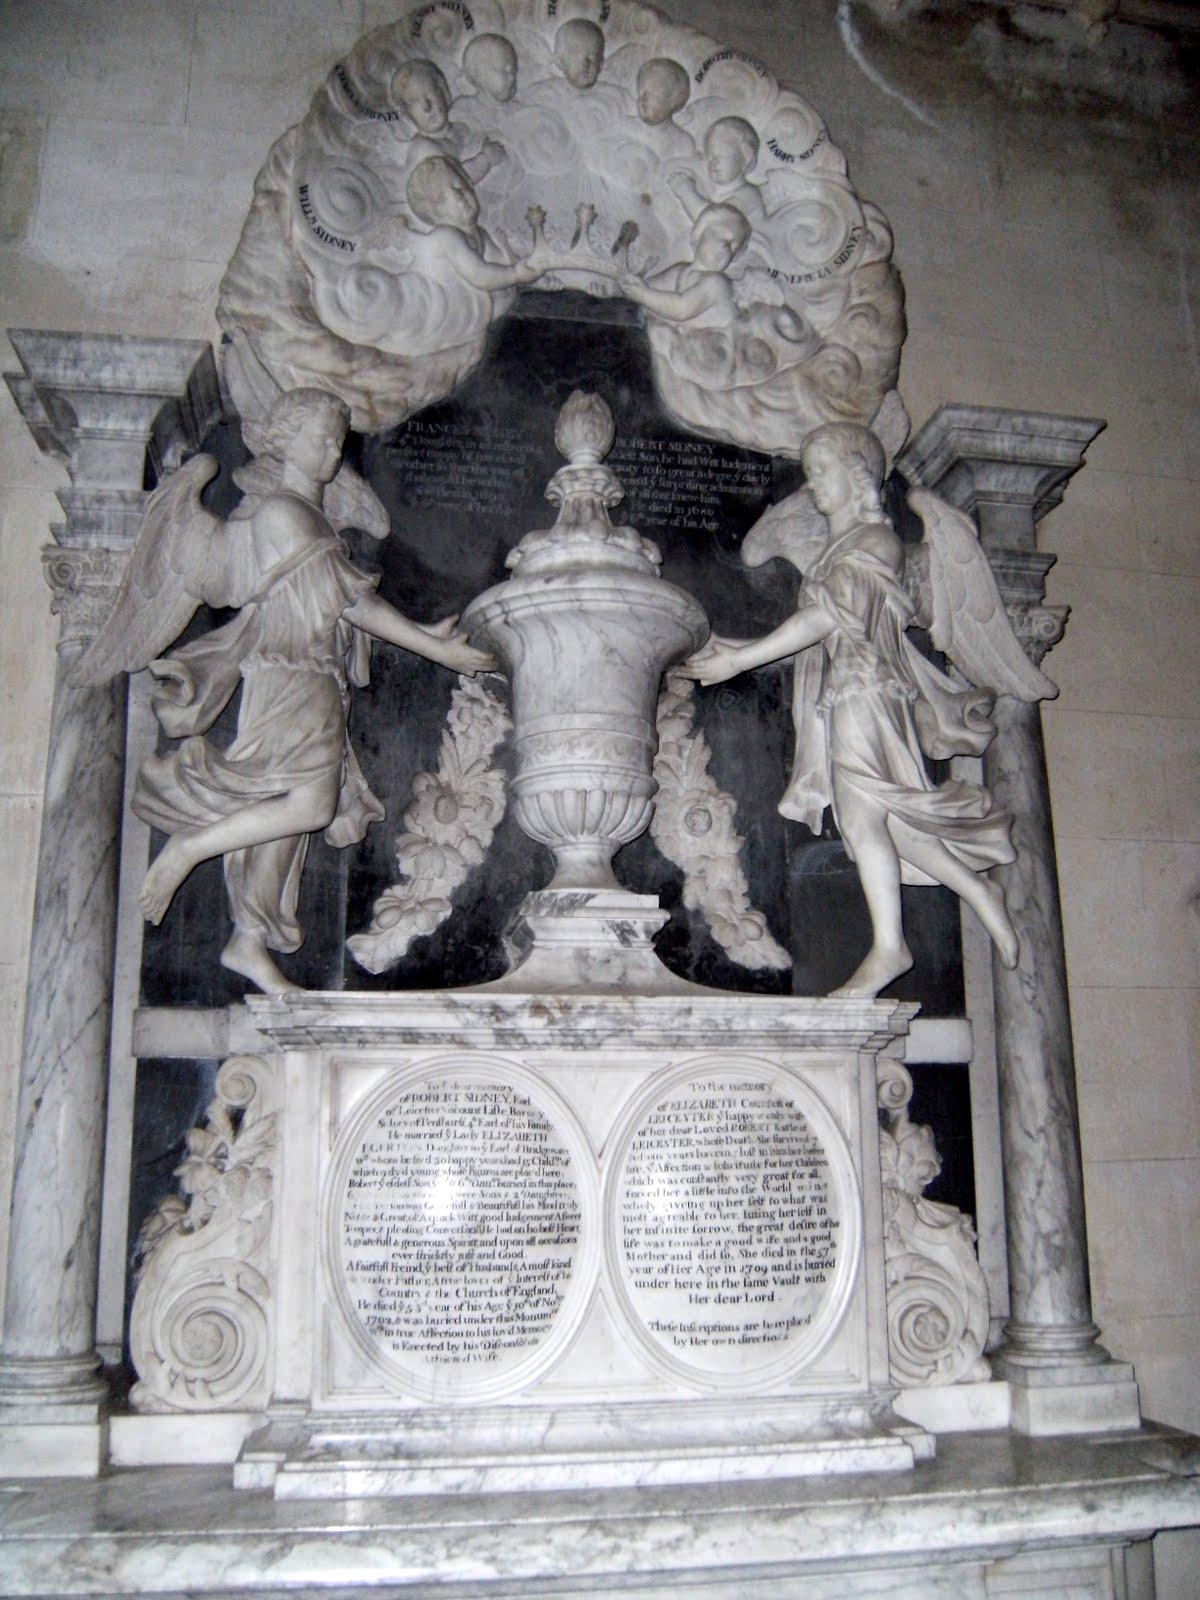 1005300138 Sidney Chapel memorial, St John the Baptist Church, Penshurst